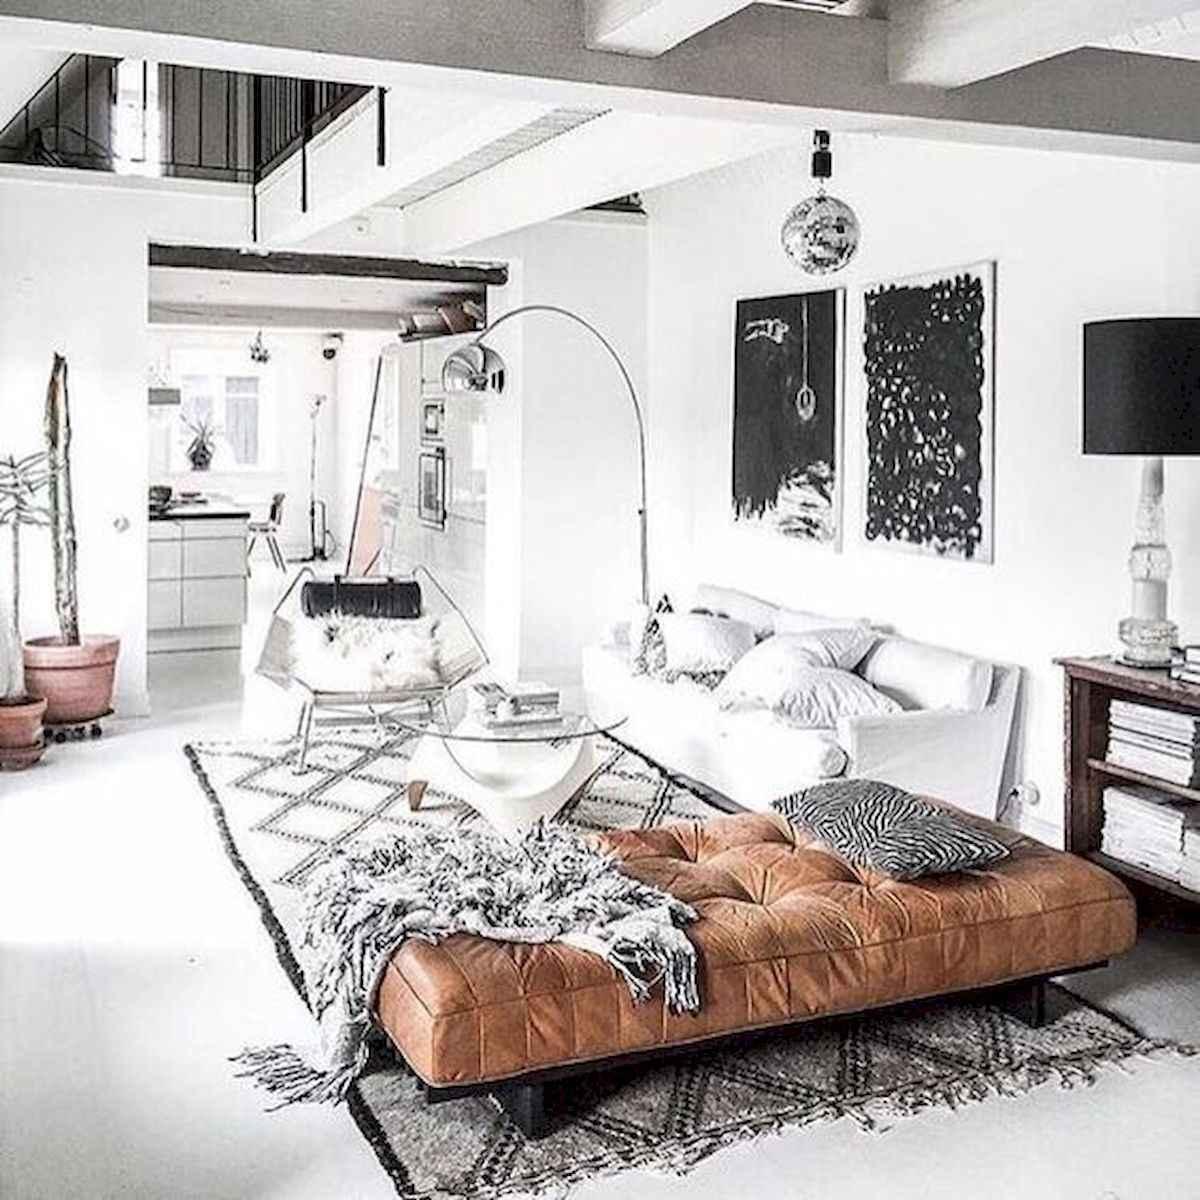 Apartment Decor: 40 Rustic Studio Apartment Decor Ideas